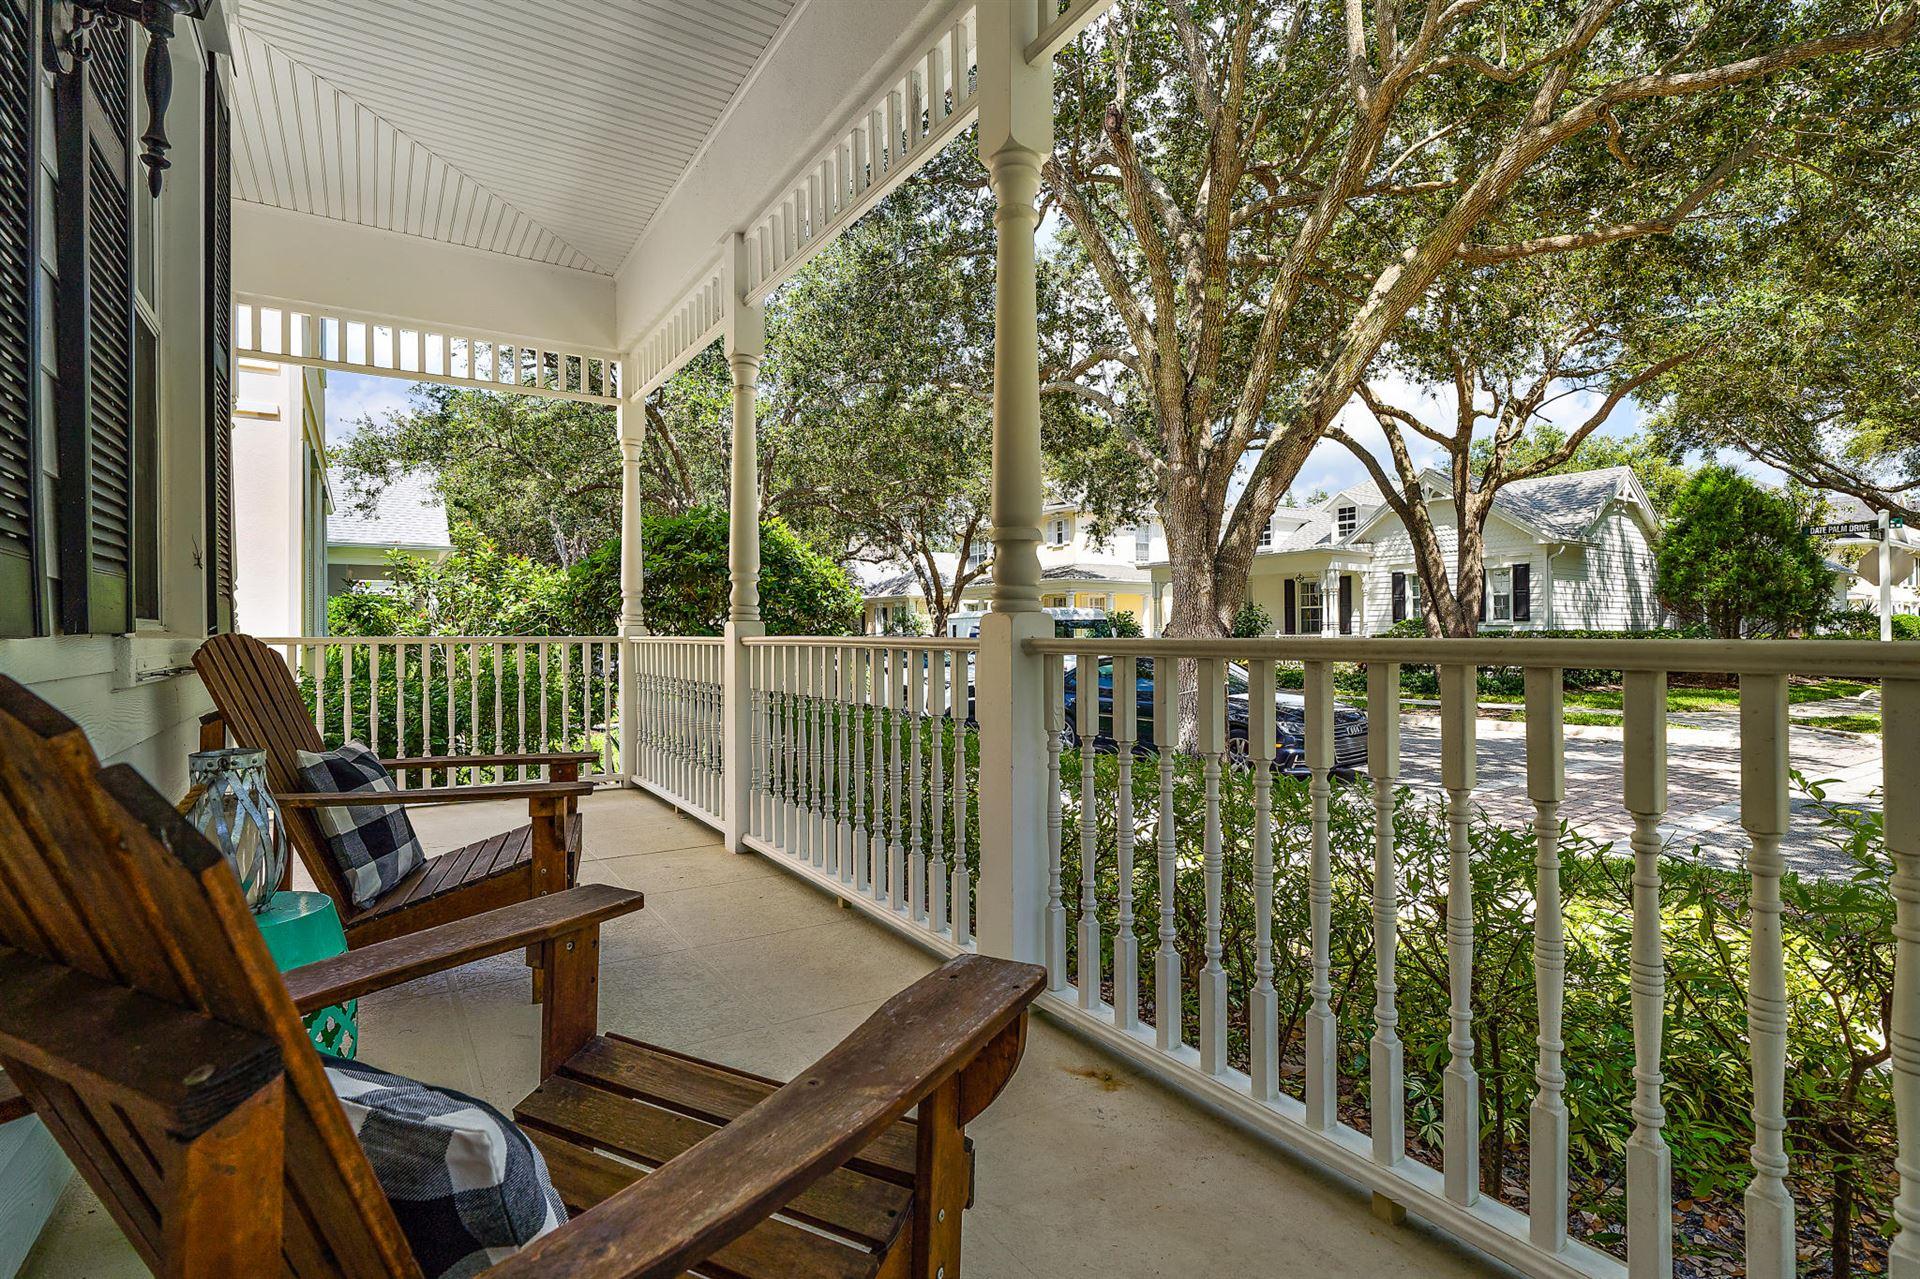 Photo of 120 Date Palm Drive, Jupiter, FL 33458 (MLS # RX-10666098)